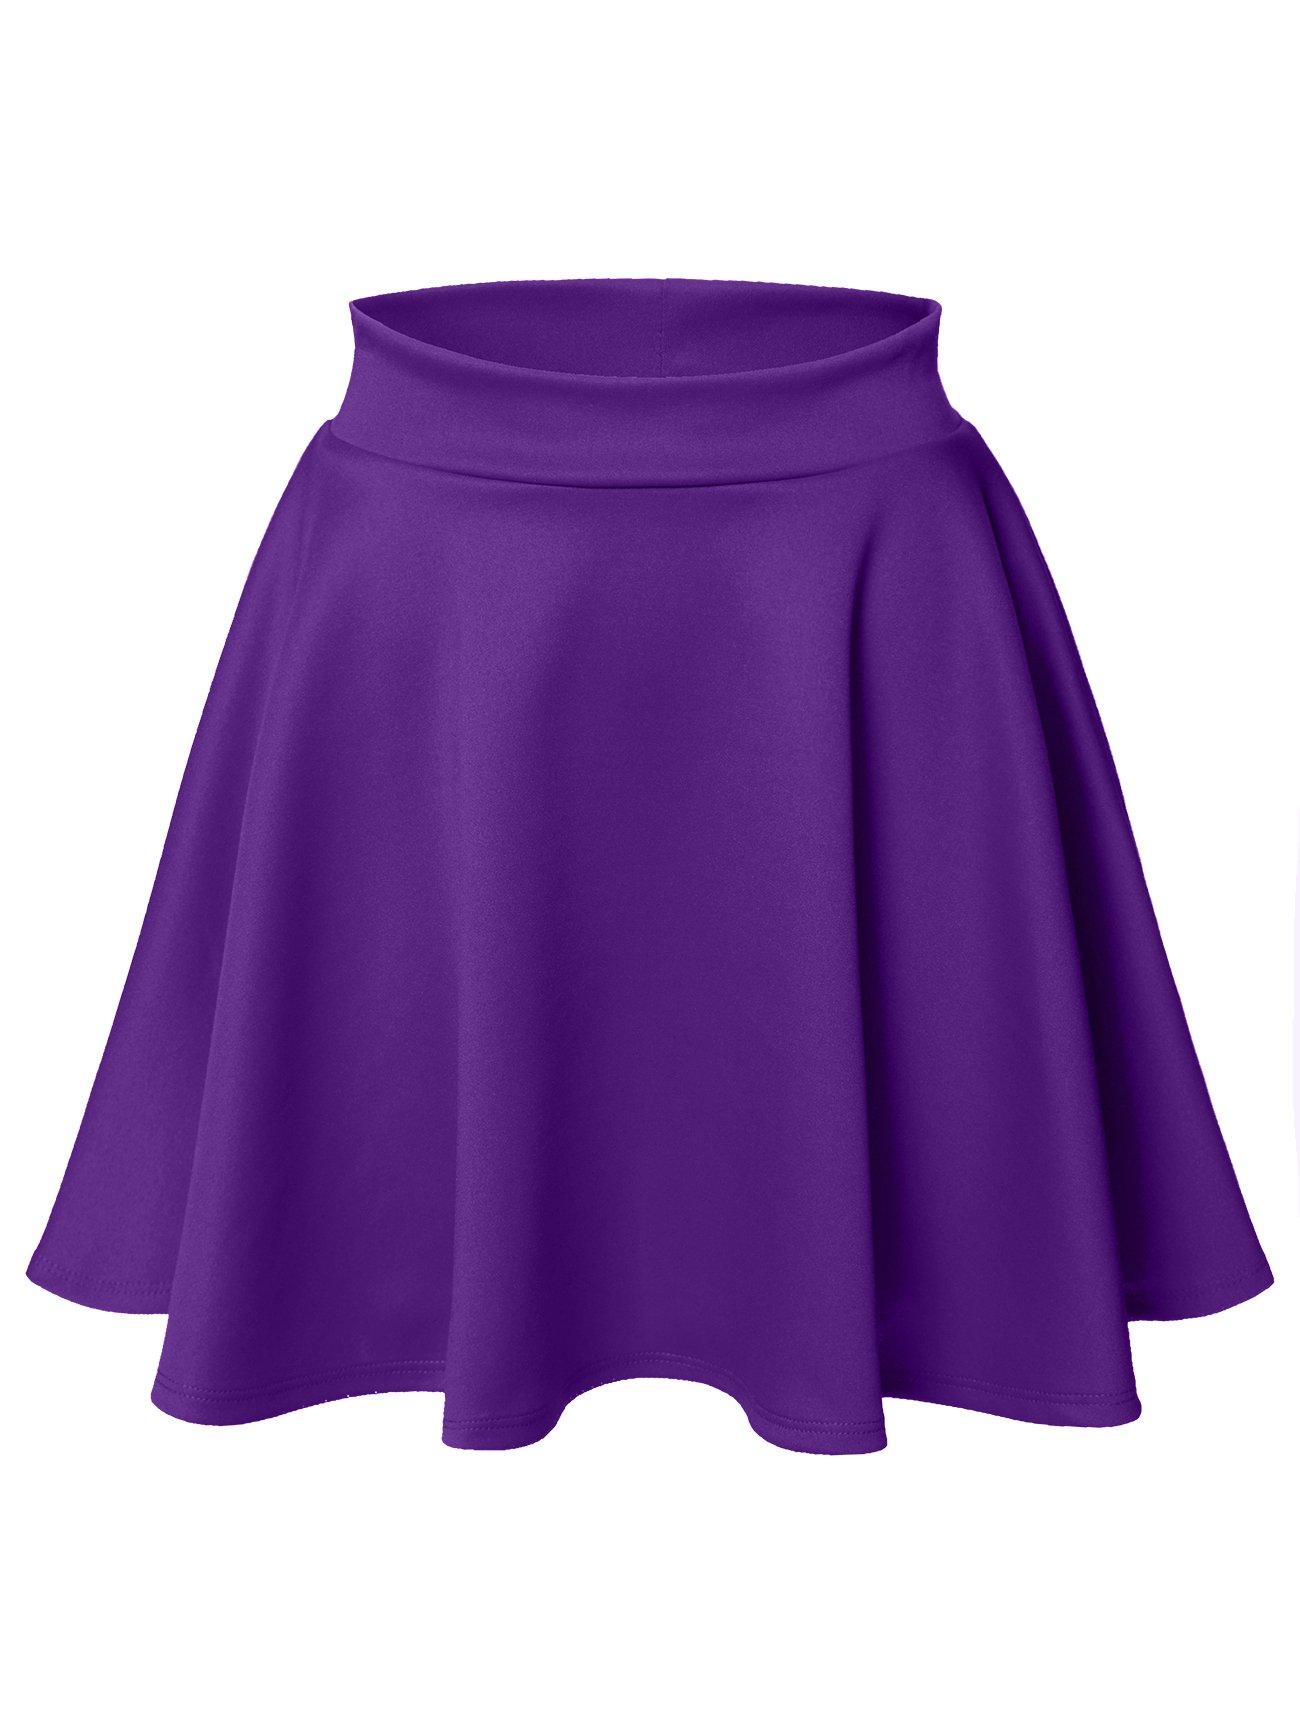 Luna Flower Women's Basic Versatile Stretchy Flared Skater Skirt Dark_Purple Small (LFWSK0009)